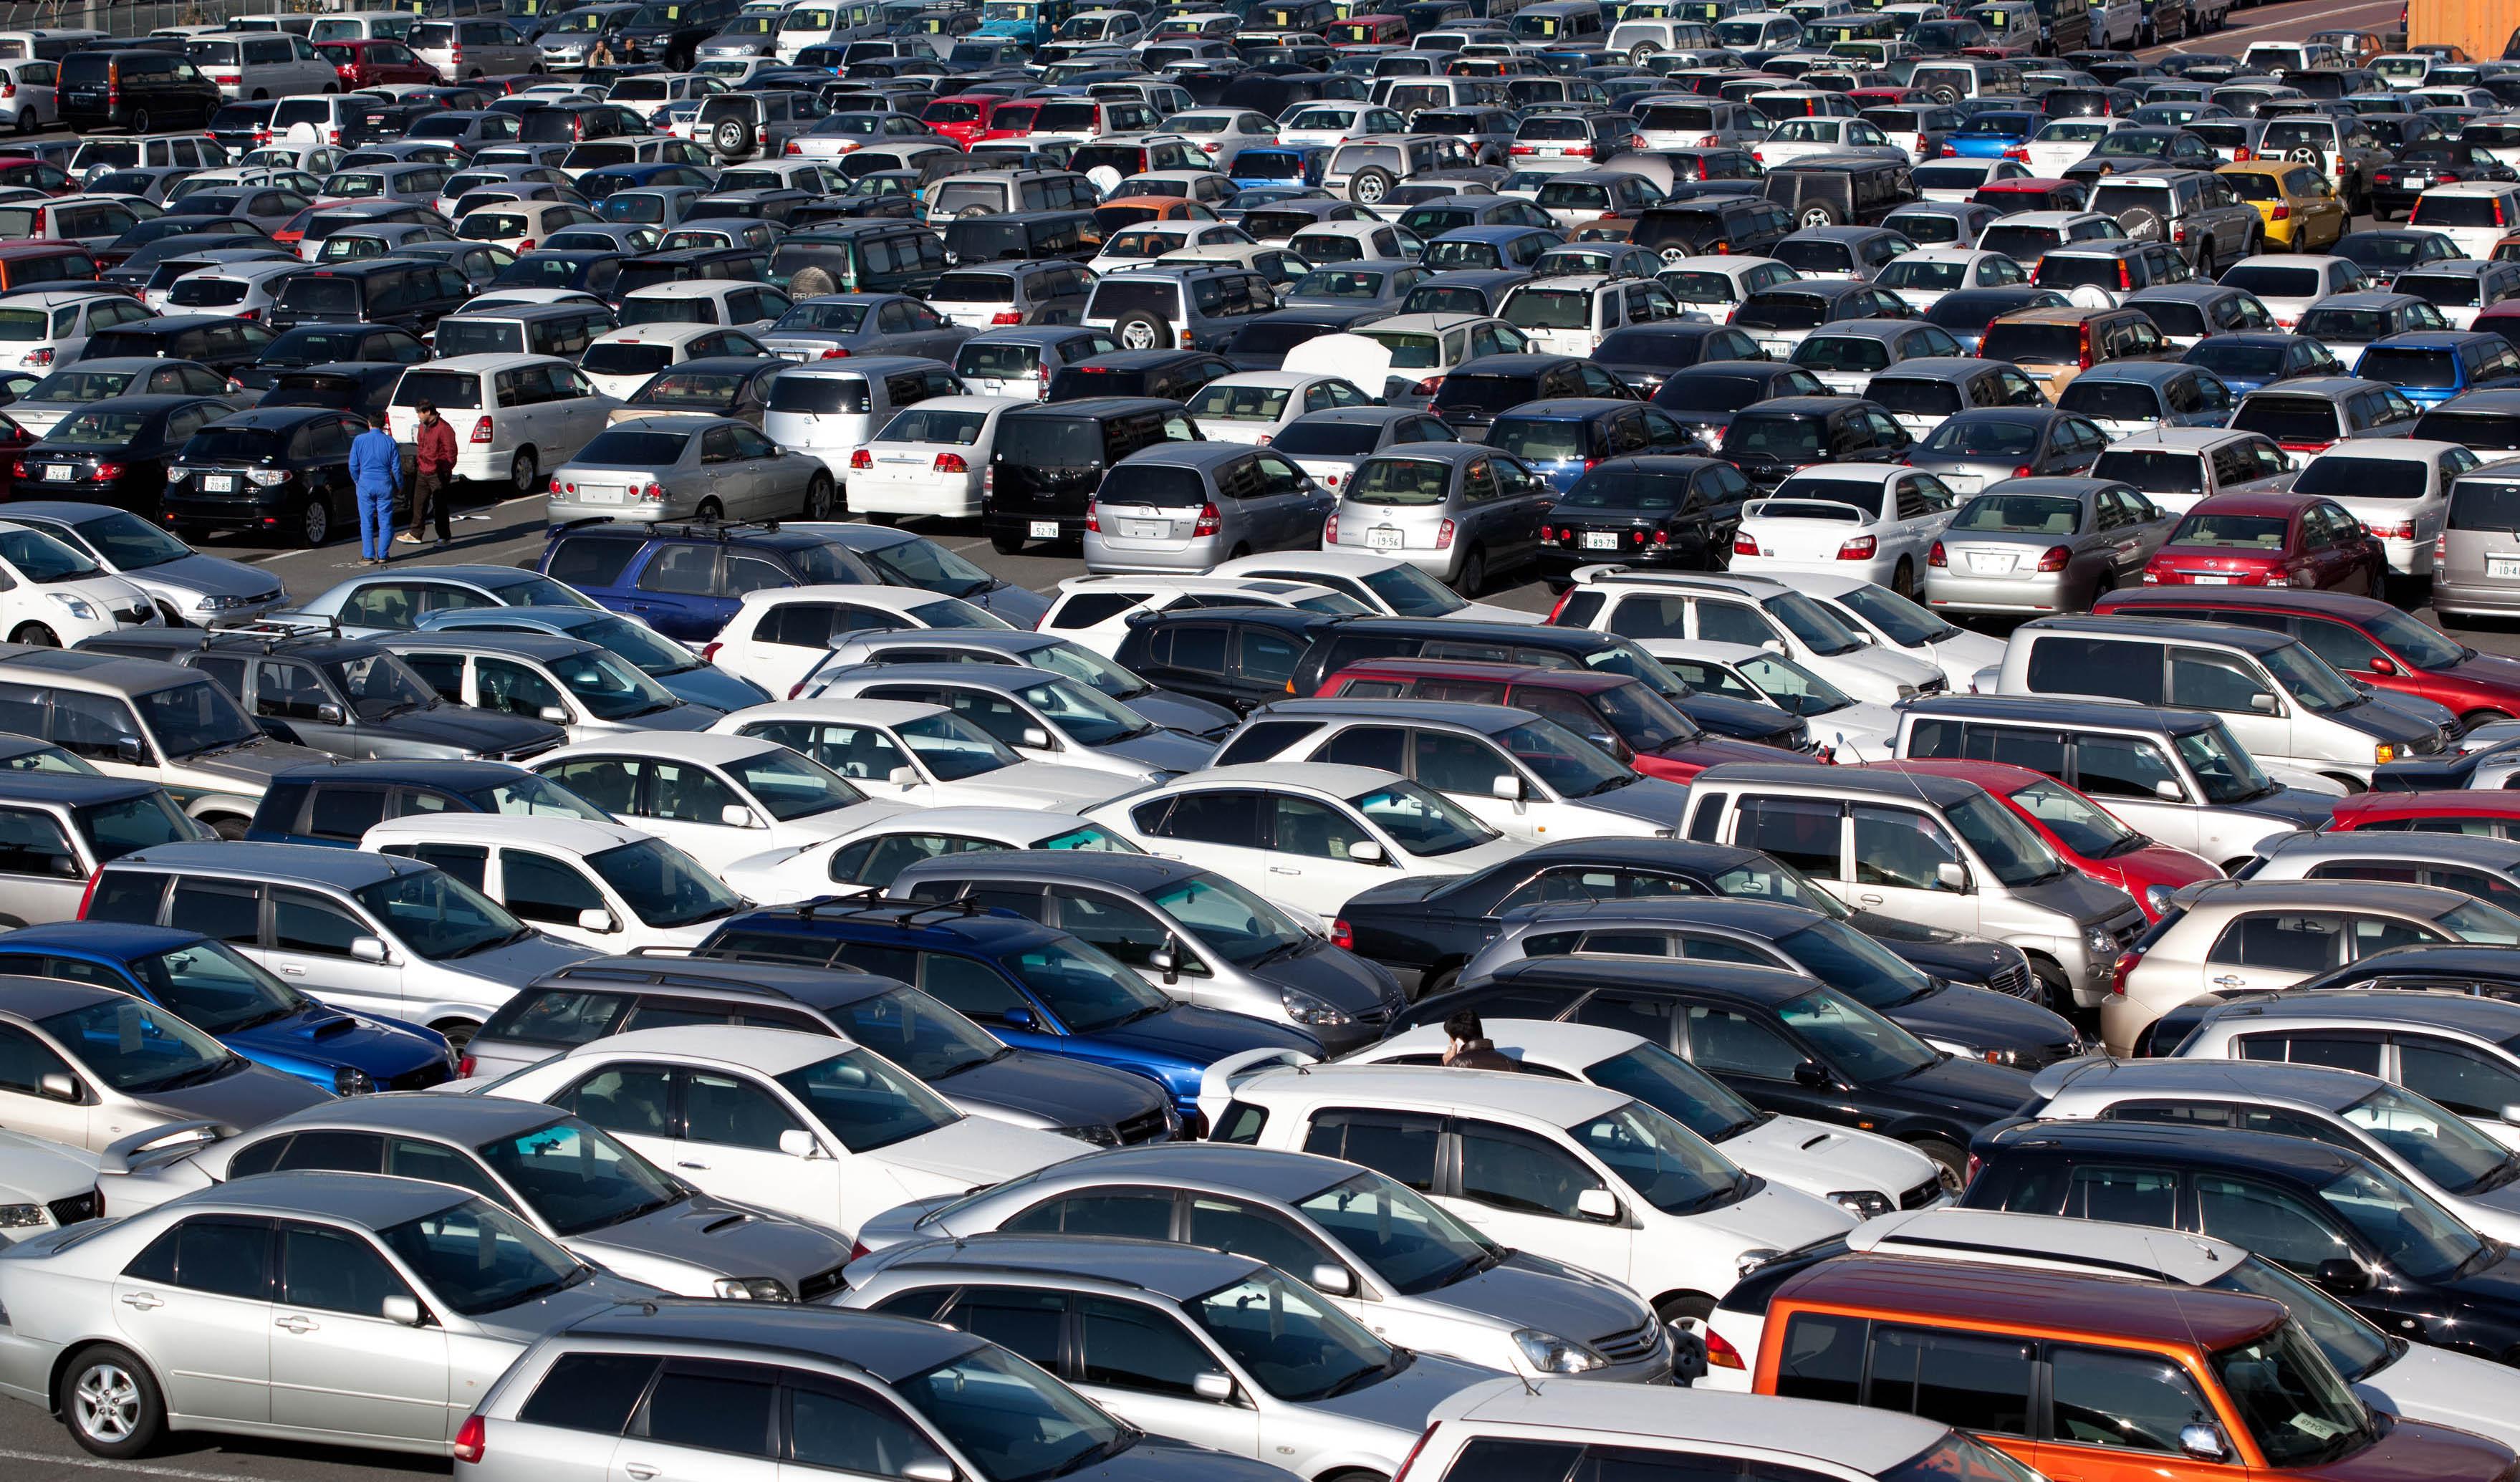 مالیات قیمت خودرو را پایین میآورد؟